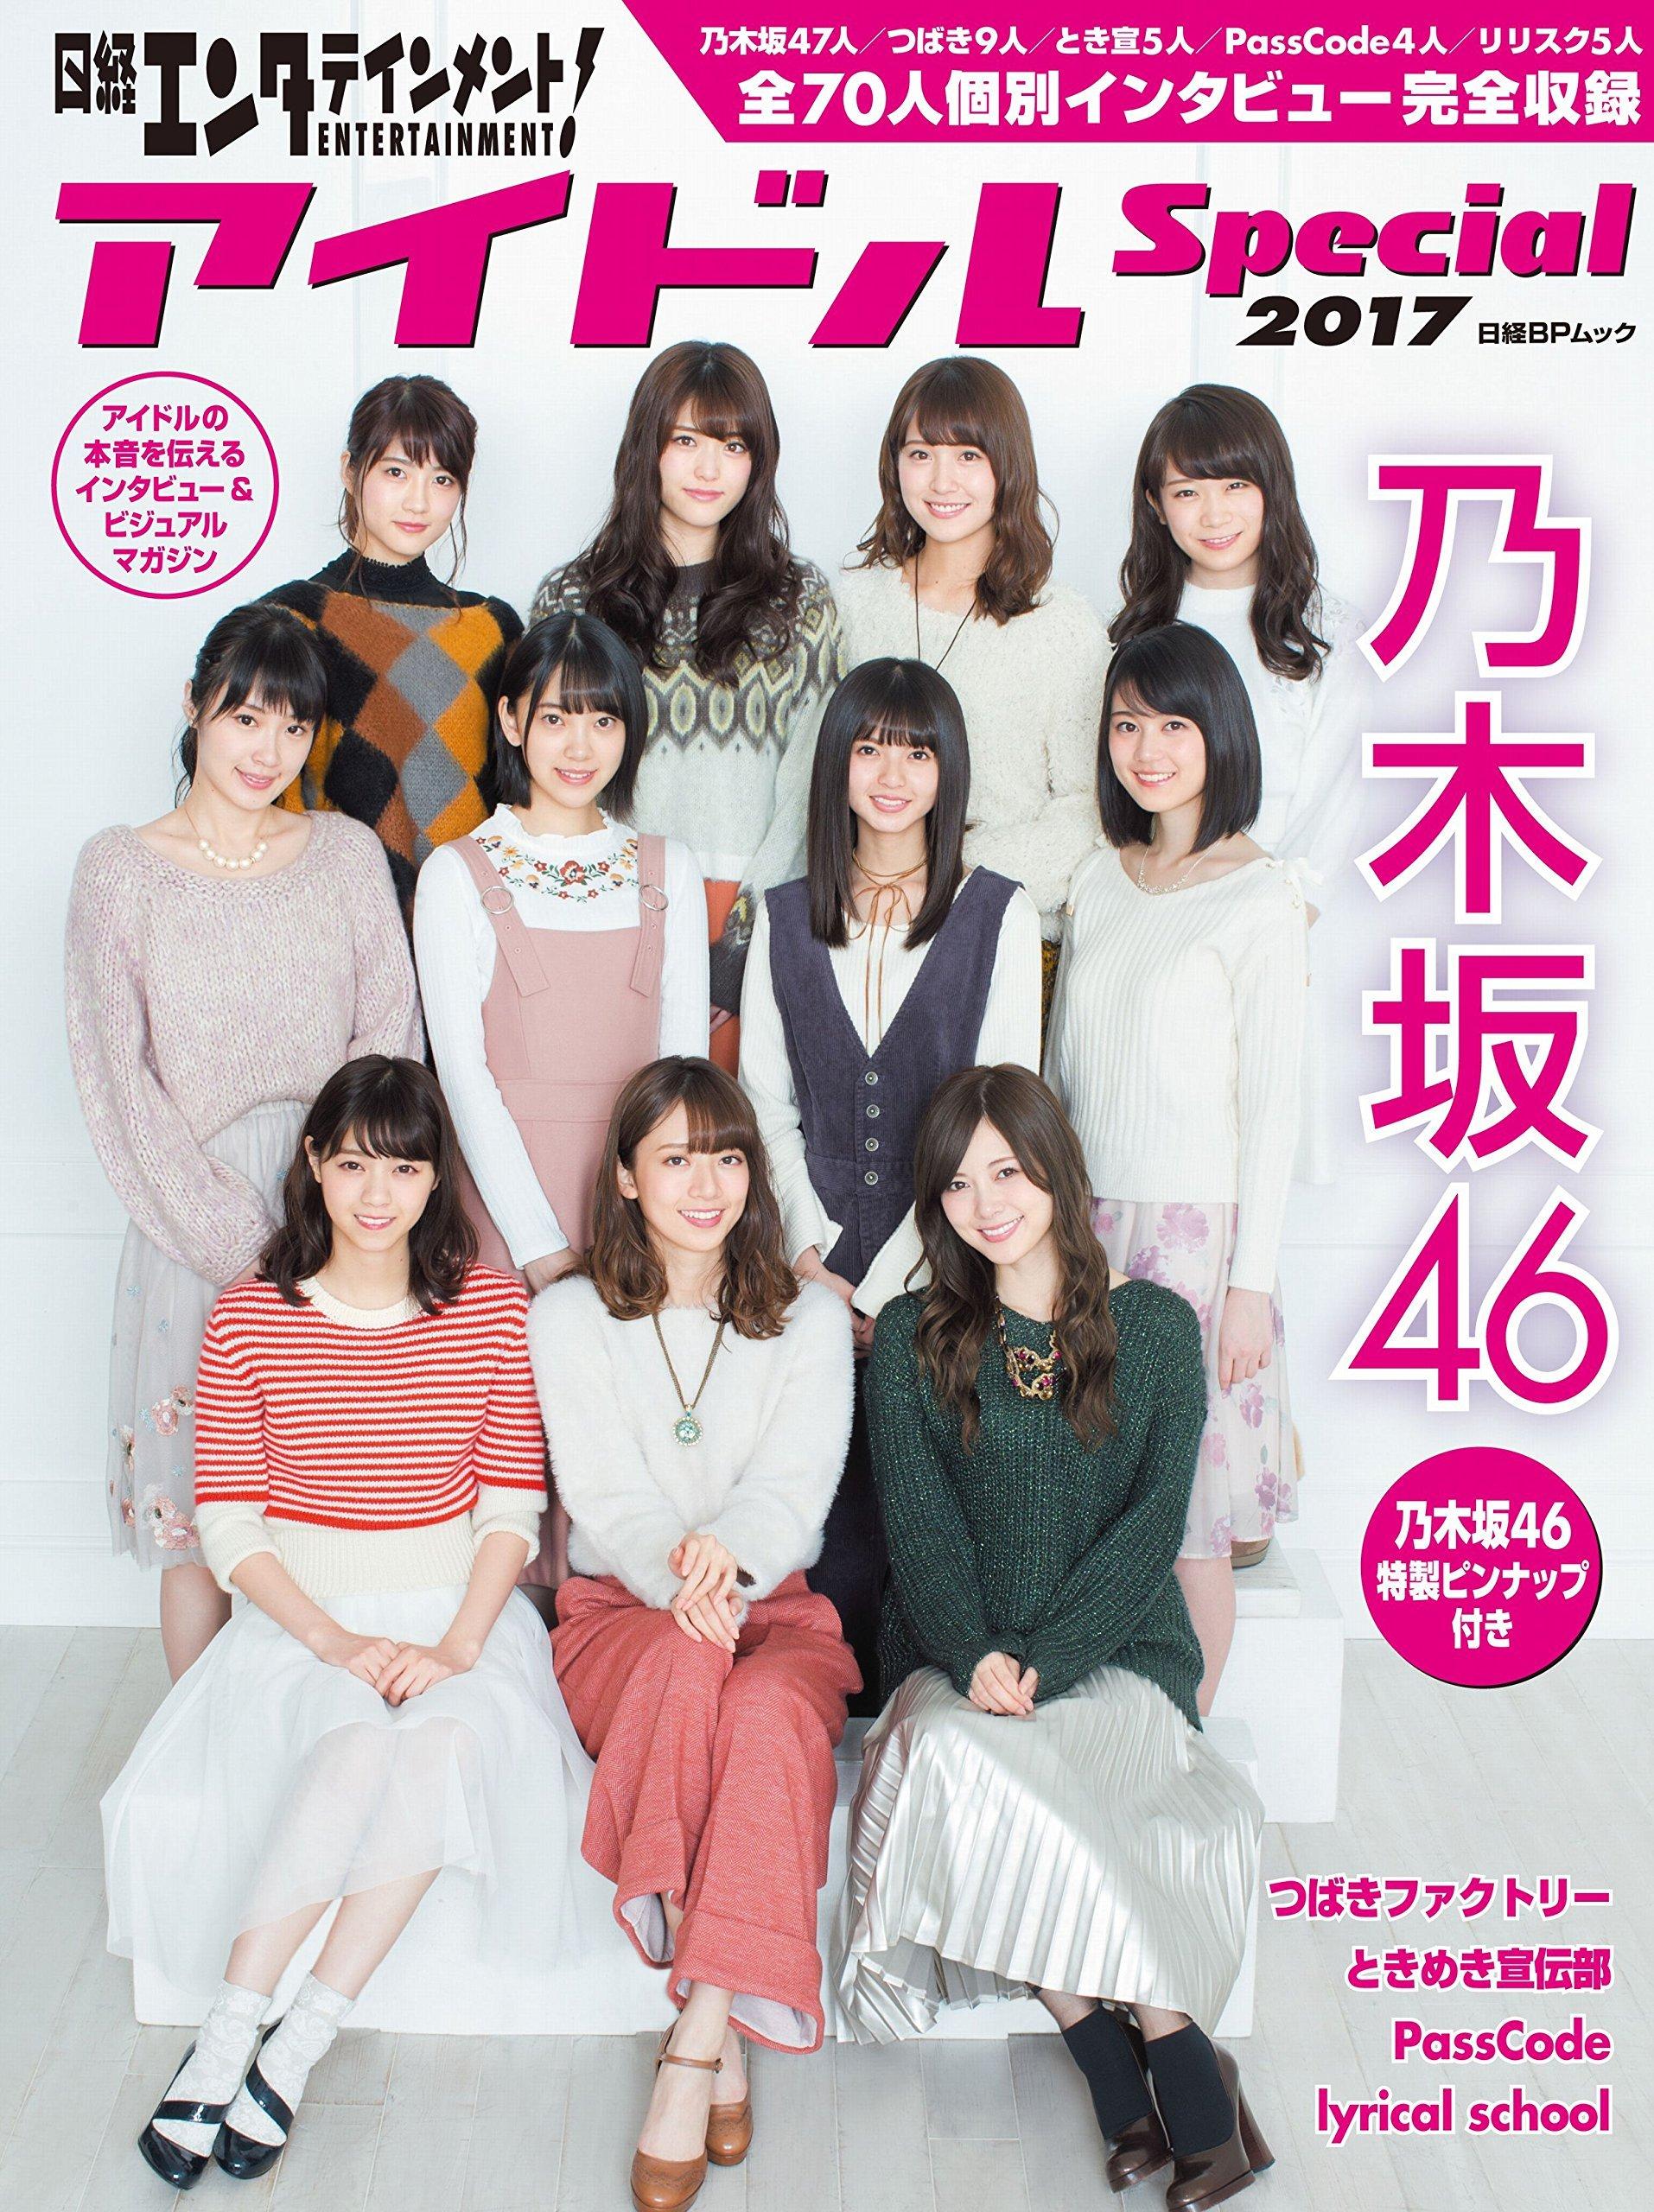 3期生まで47人が総出演!乃木坂46が表紙の日経エンタ別冊「アイドルSpecial 2017」が発売決定